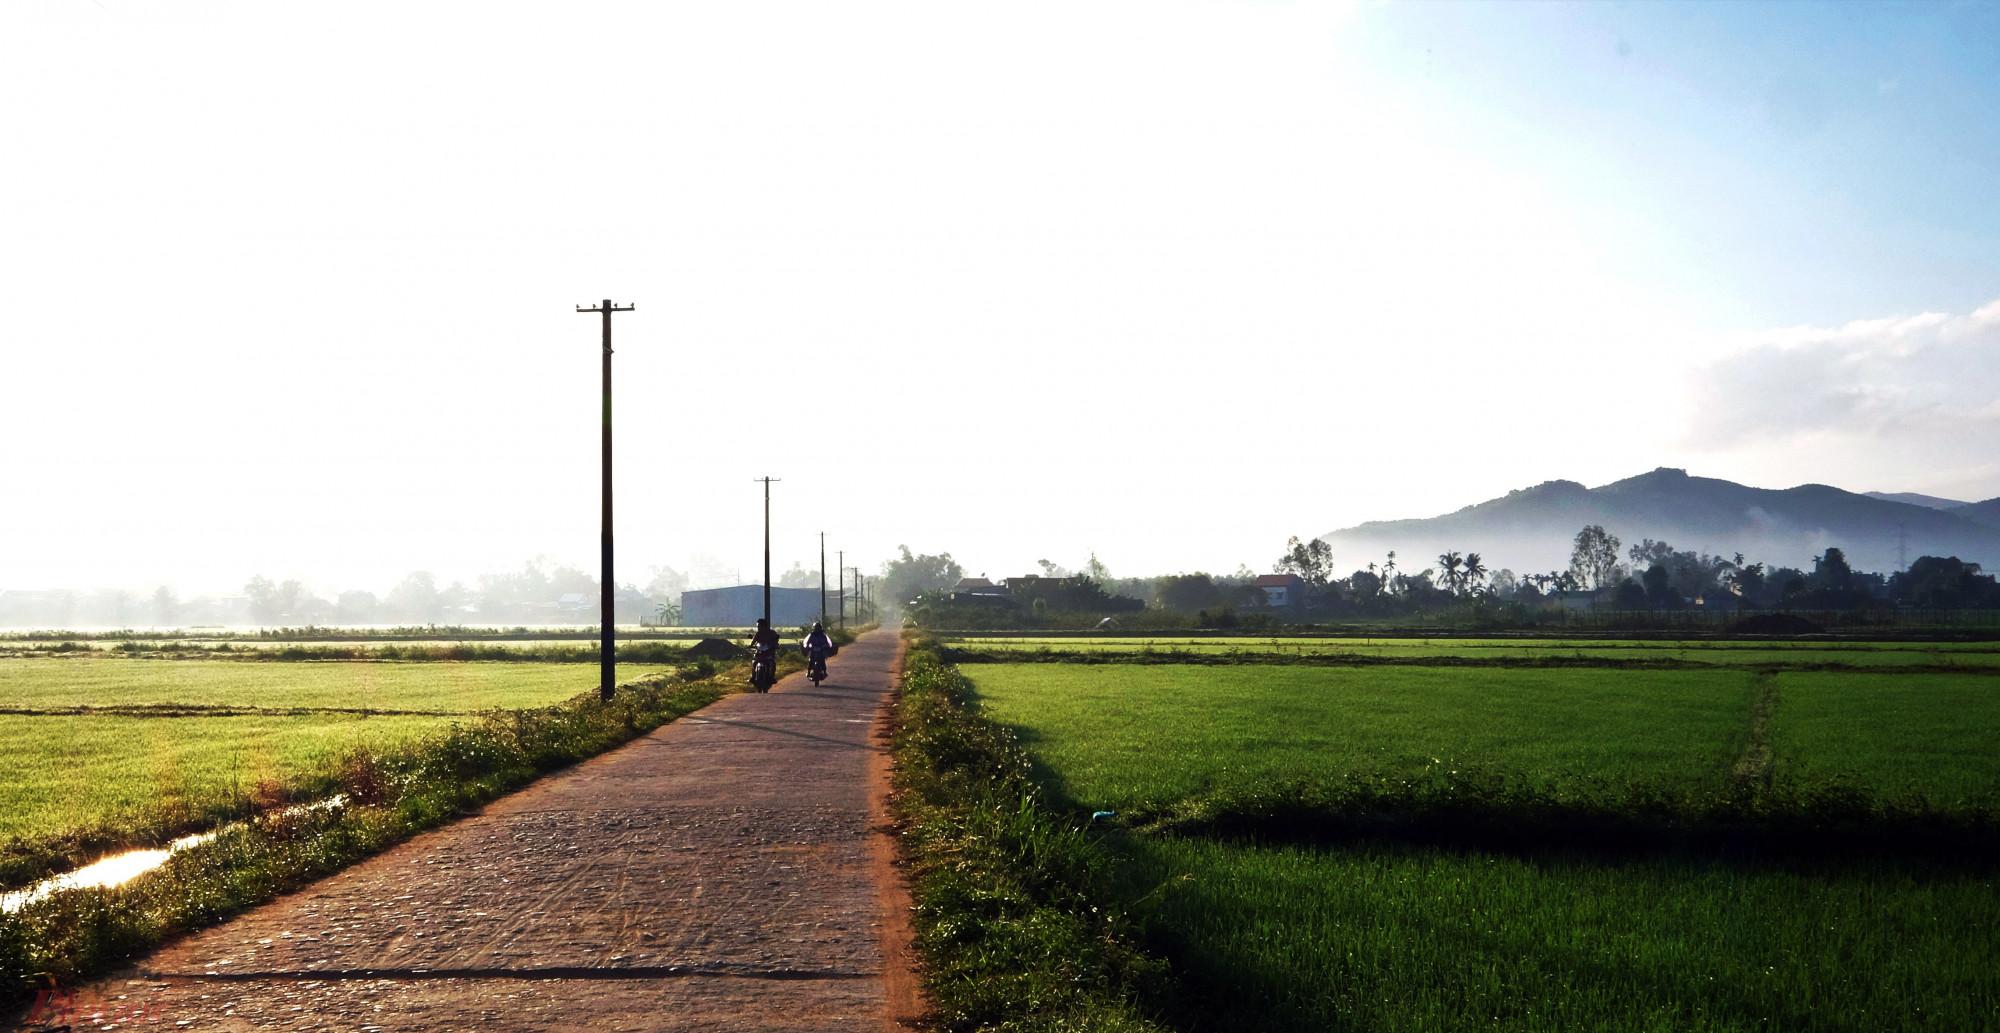 Cảnh nắng sớm xuyên qua một một cánh đồng ở huyện Mộ Đức, Quảng Ngãi trong ngày mùng một tết.